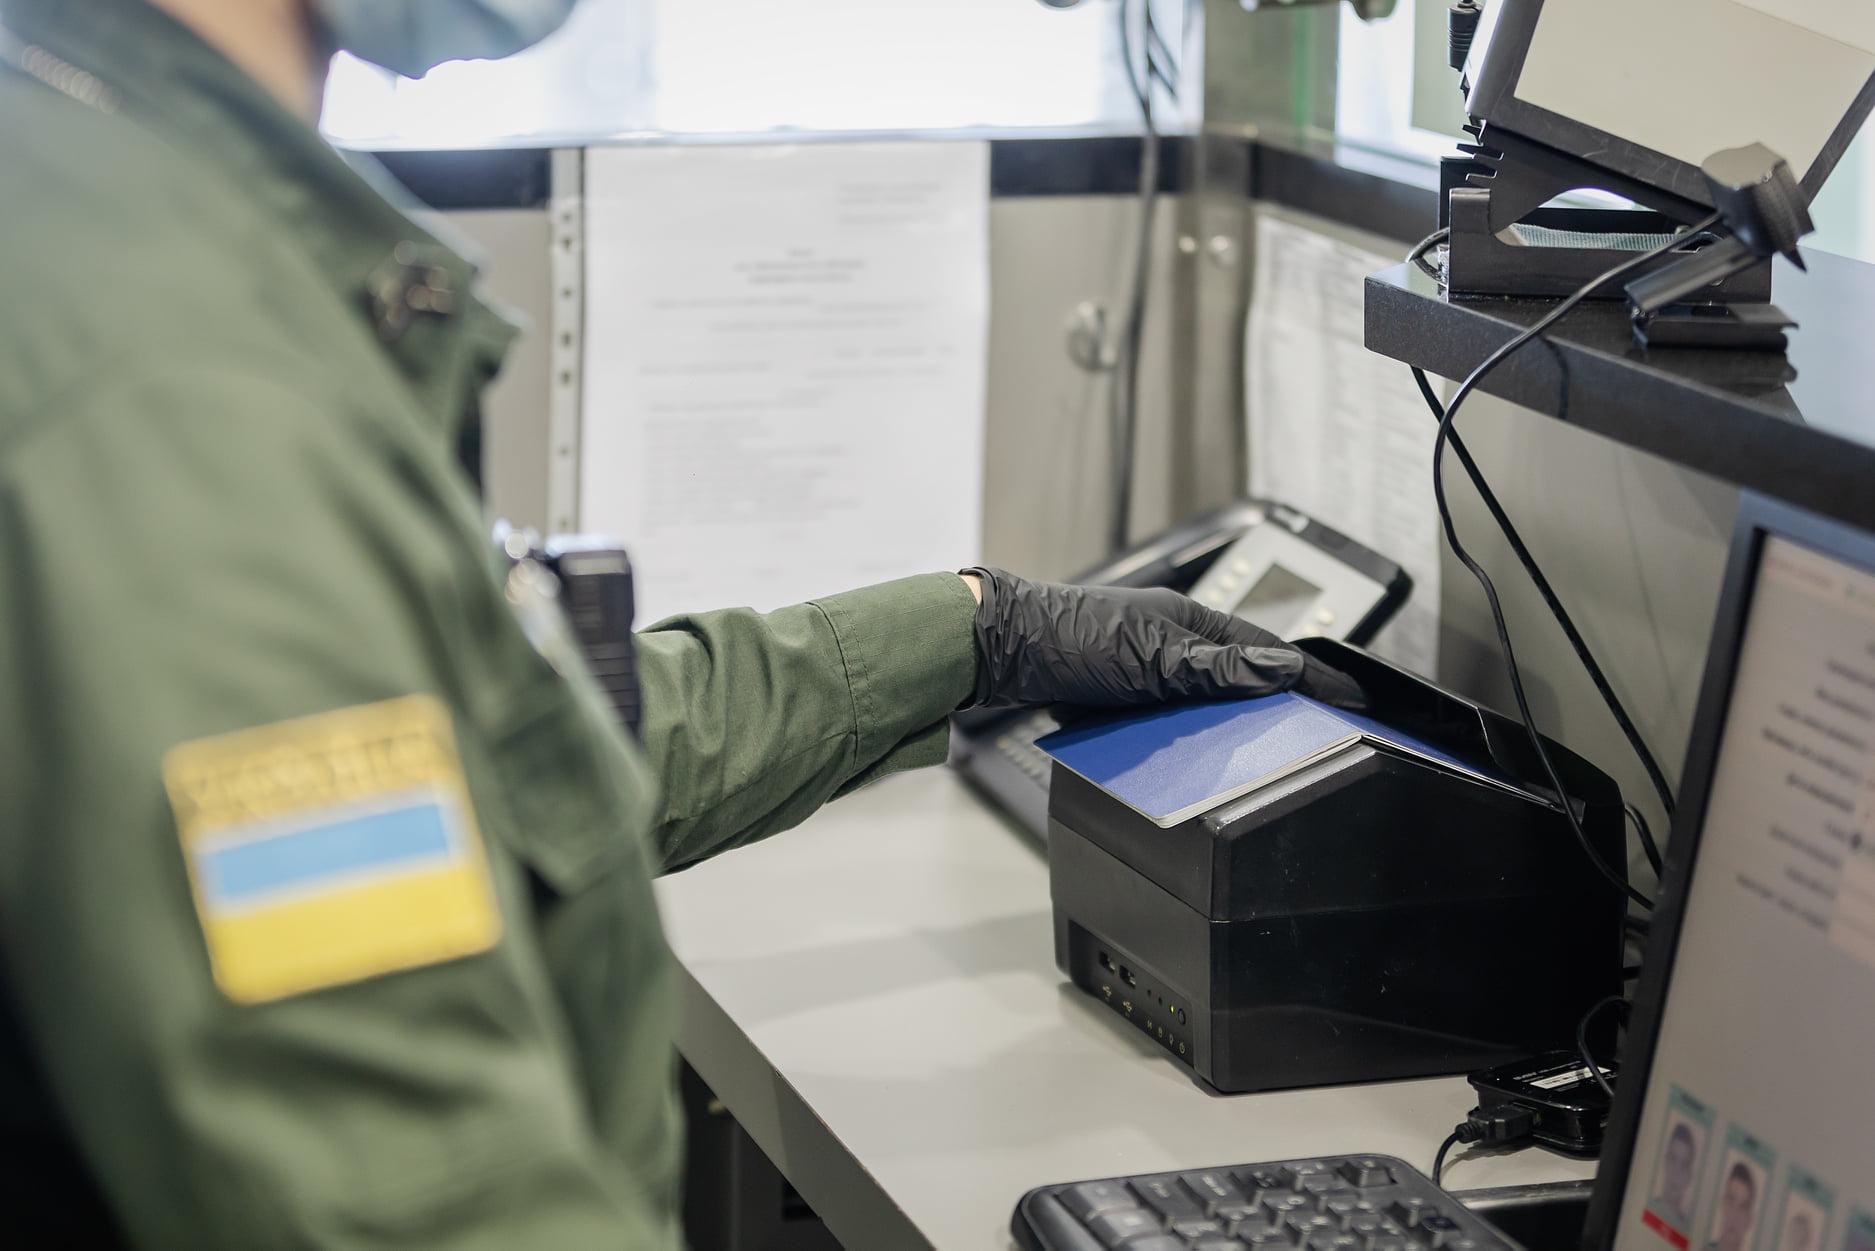 У аеропорту «Бориспіль» виявили двох міжнародних злочинців - Інтерпол, аеропорт «Бориспіль» - 141846263 1016040692215832 627697883223734594 o